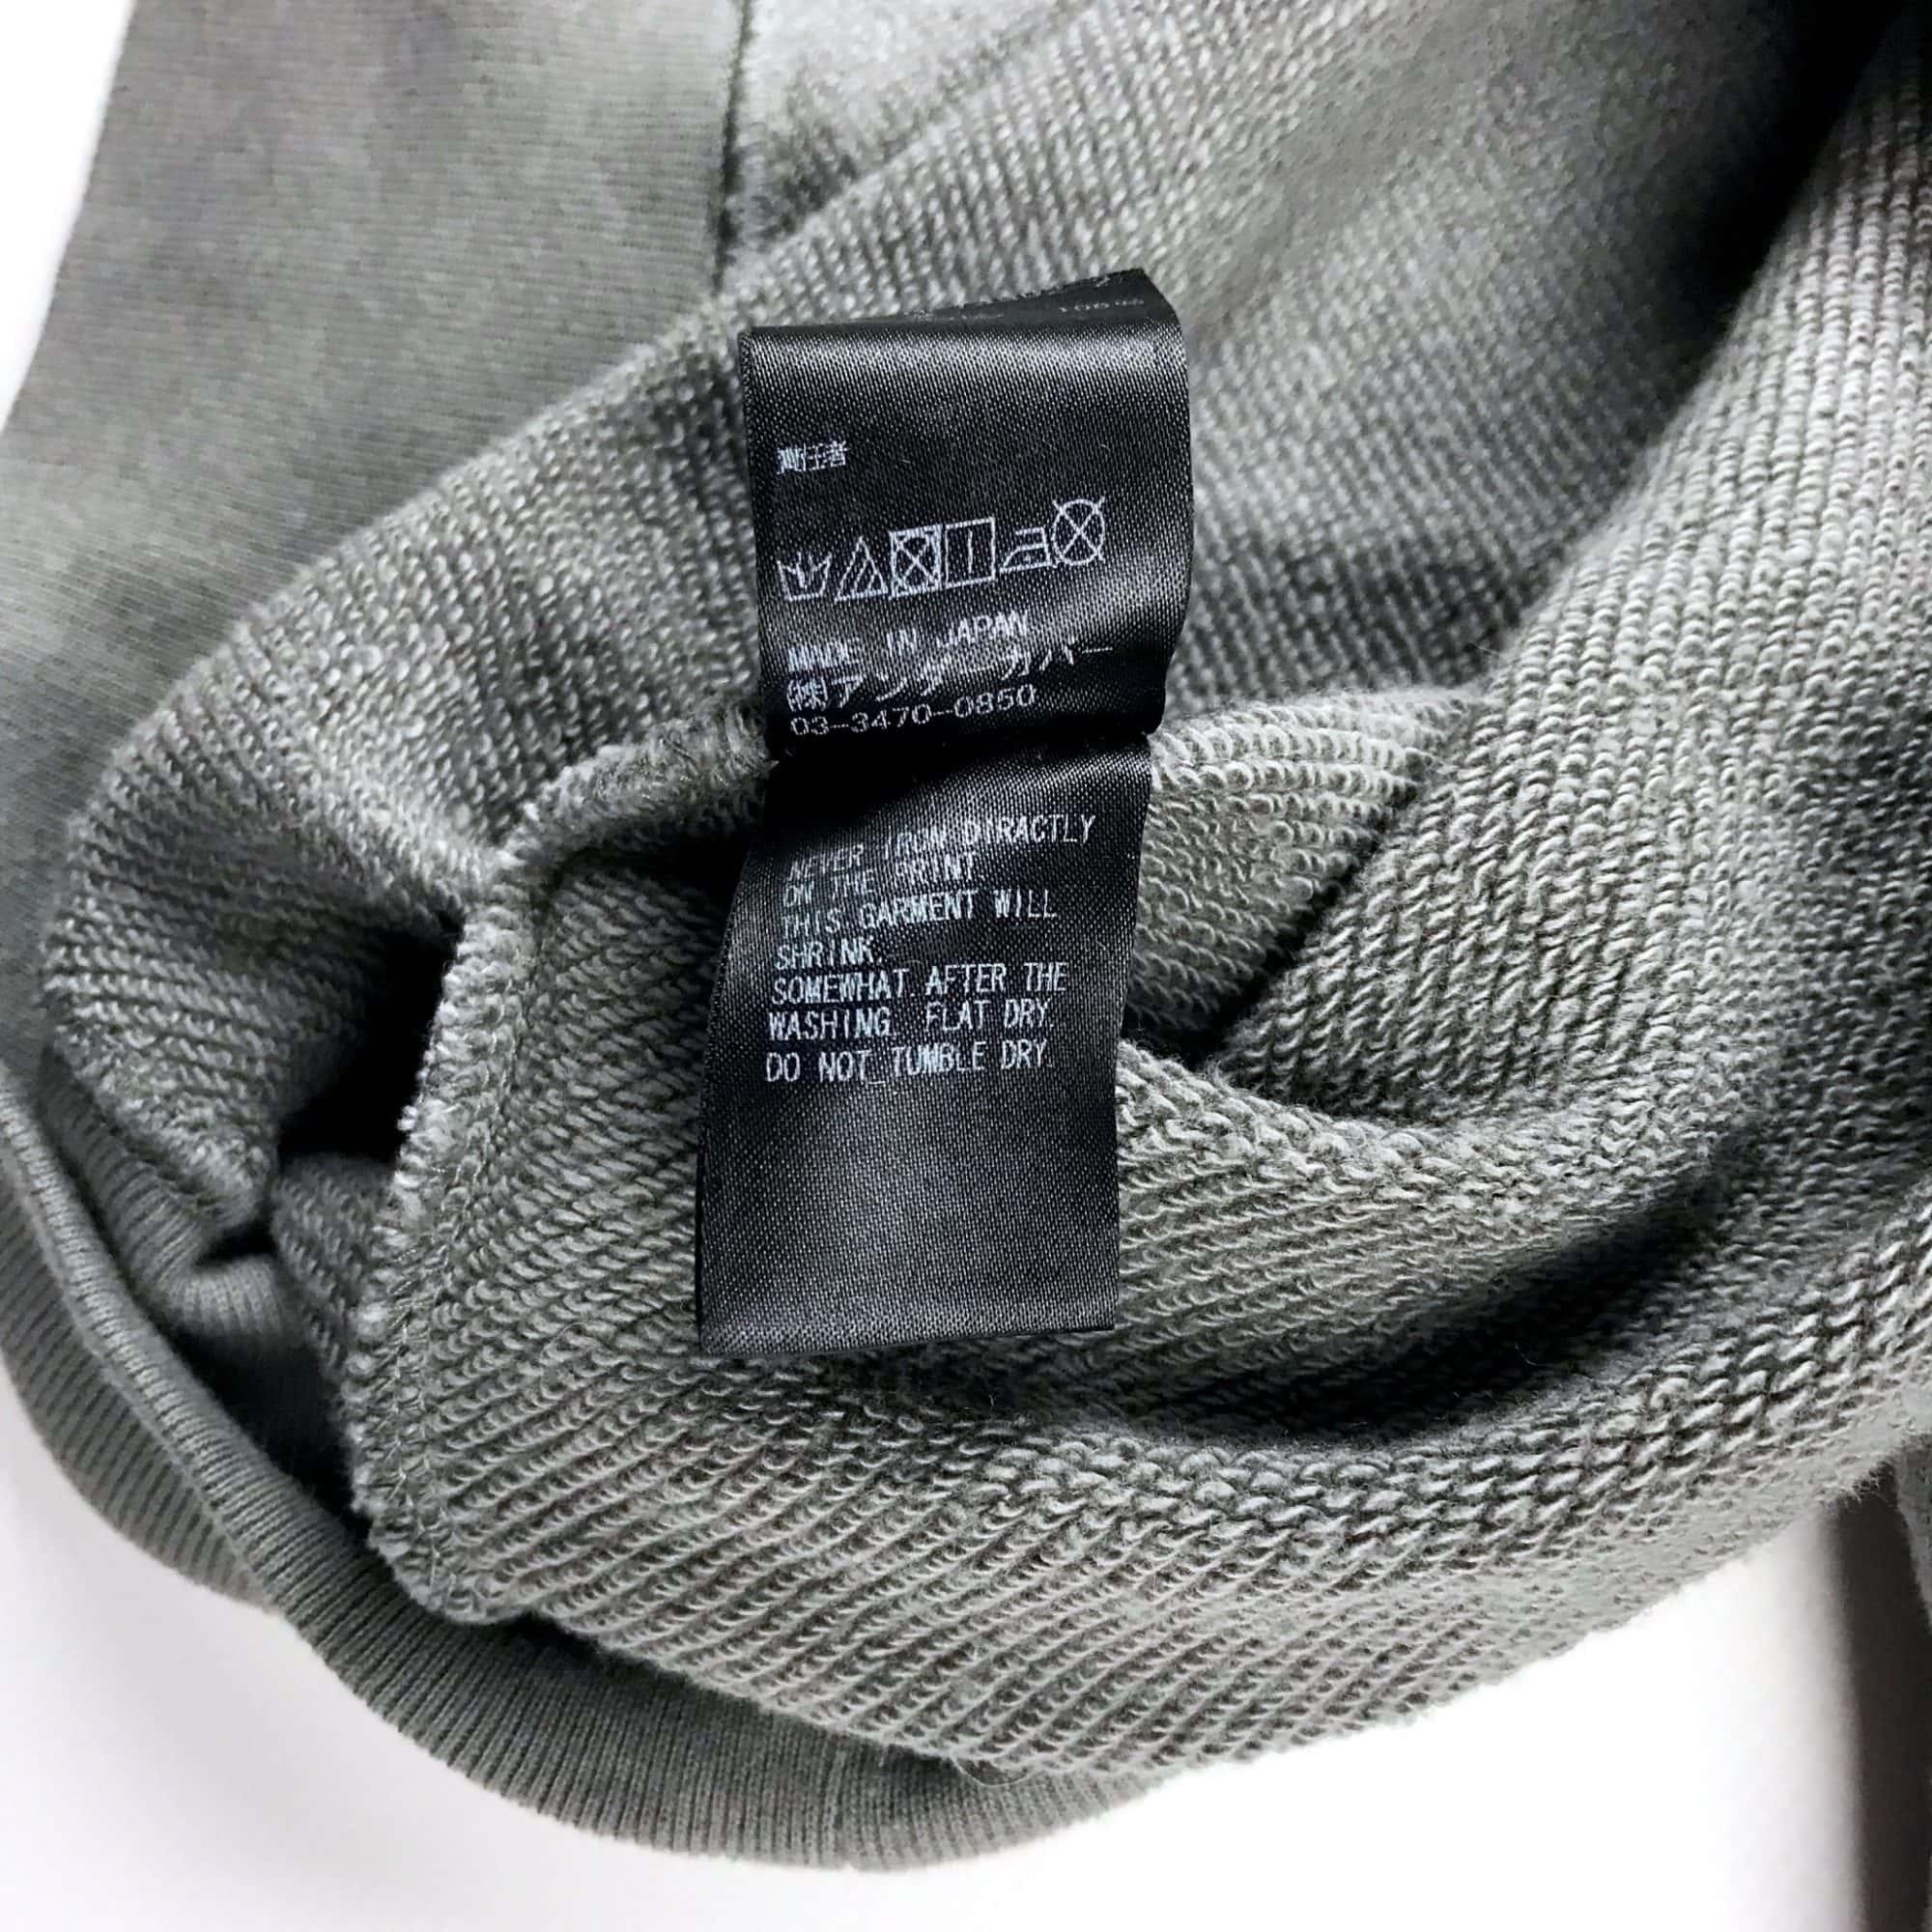 gebraucht kaufen Undercover by Jun Takahashi Cherub Logo Crewneck Sweatshirt